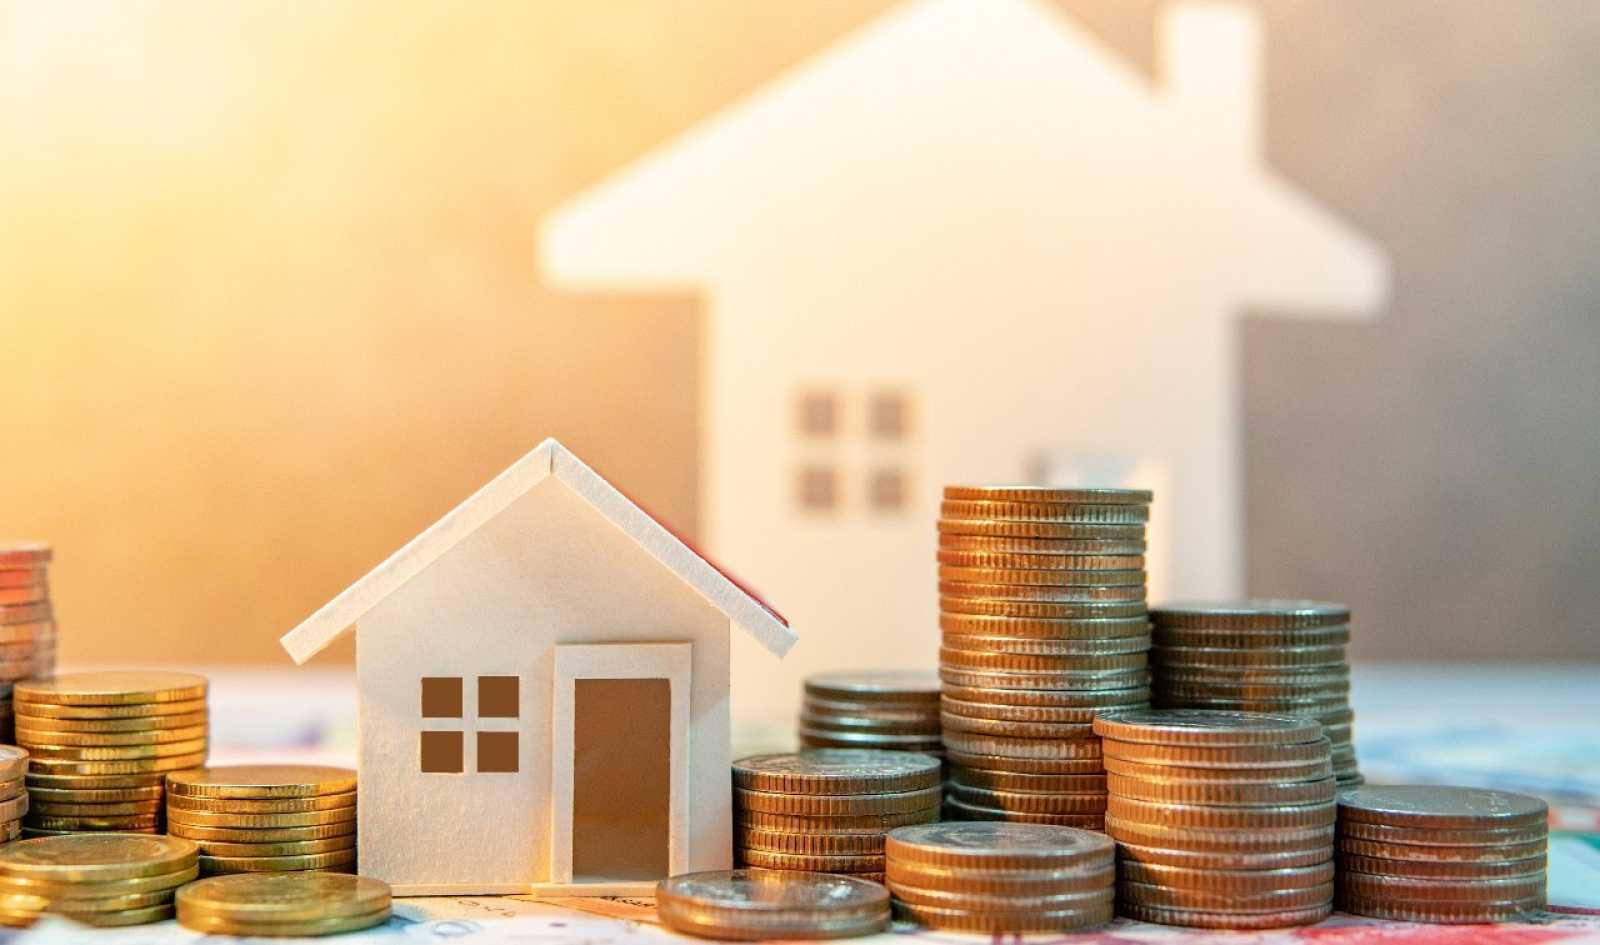 El mercado de la vivienda espera recuperar fuerza en 2021